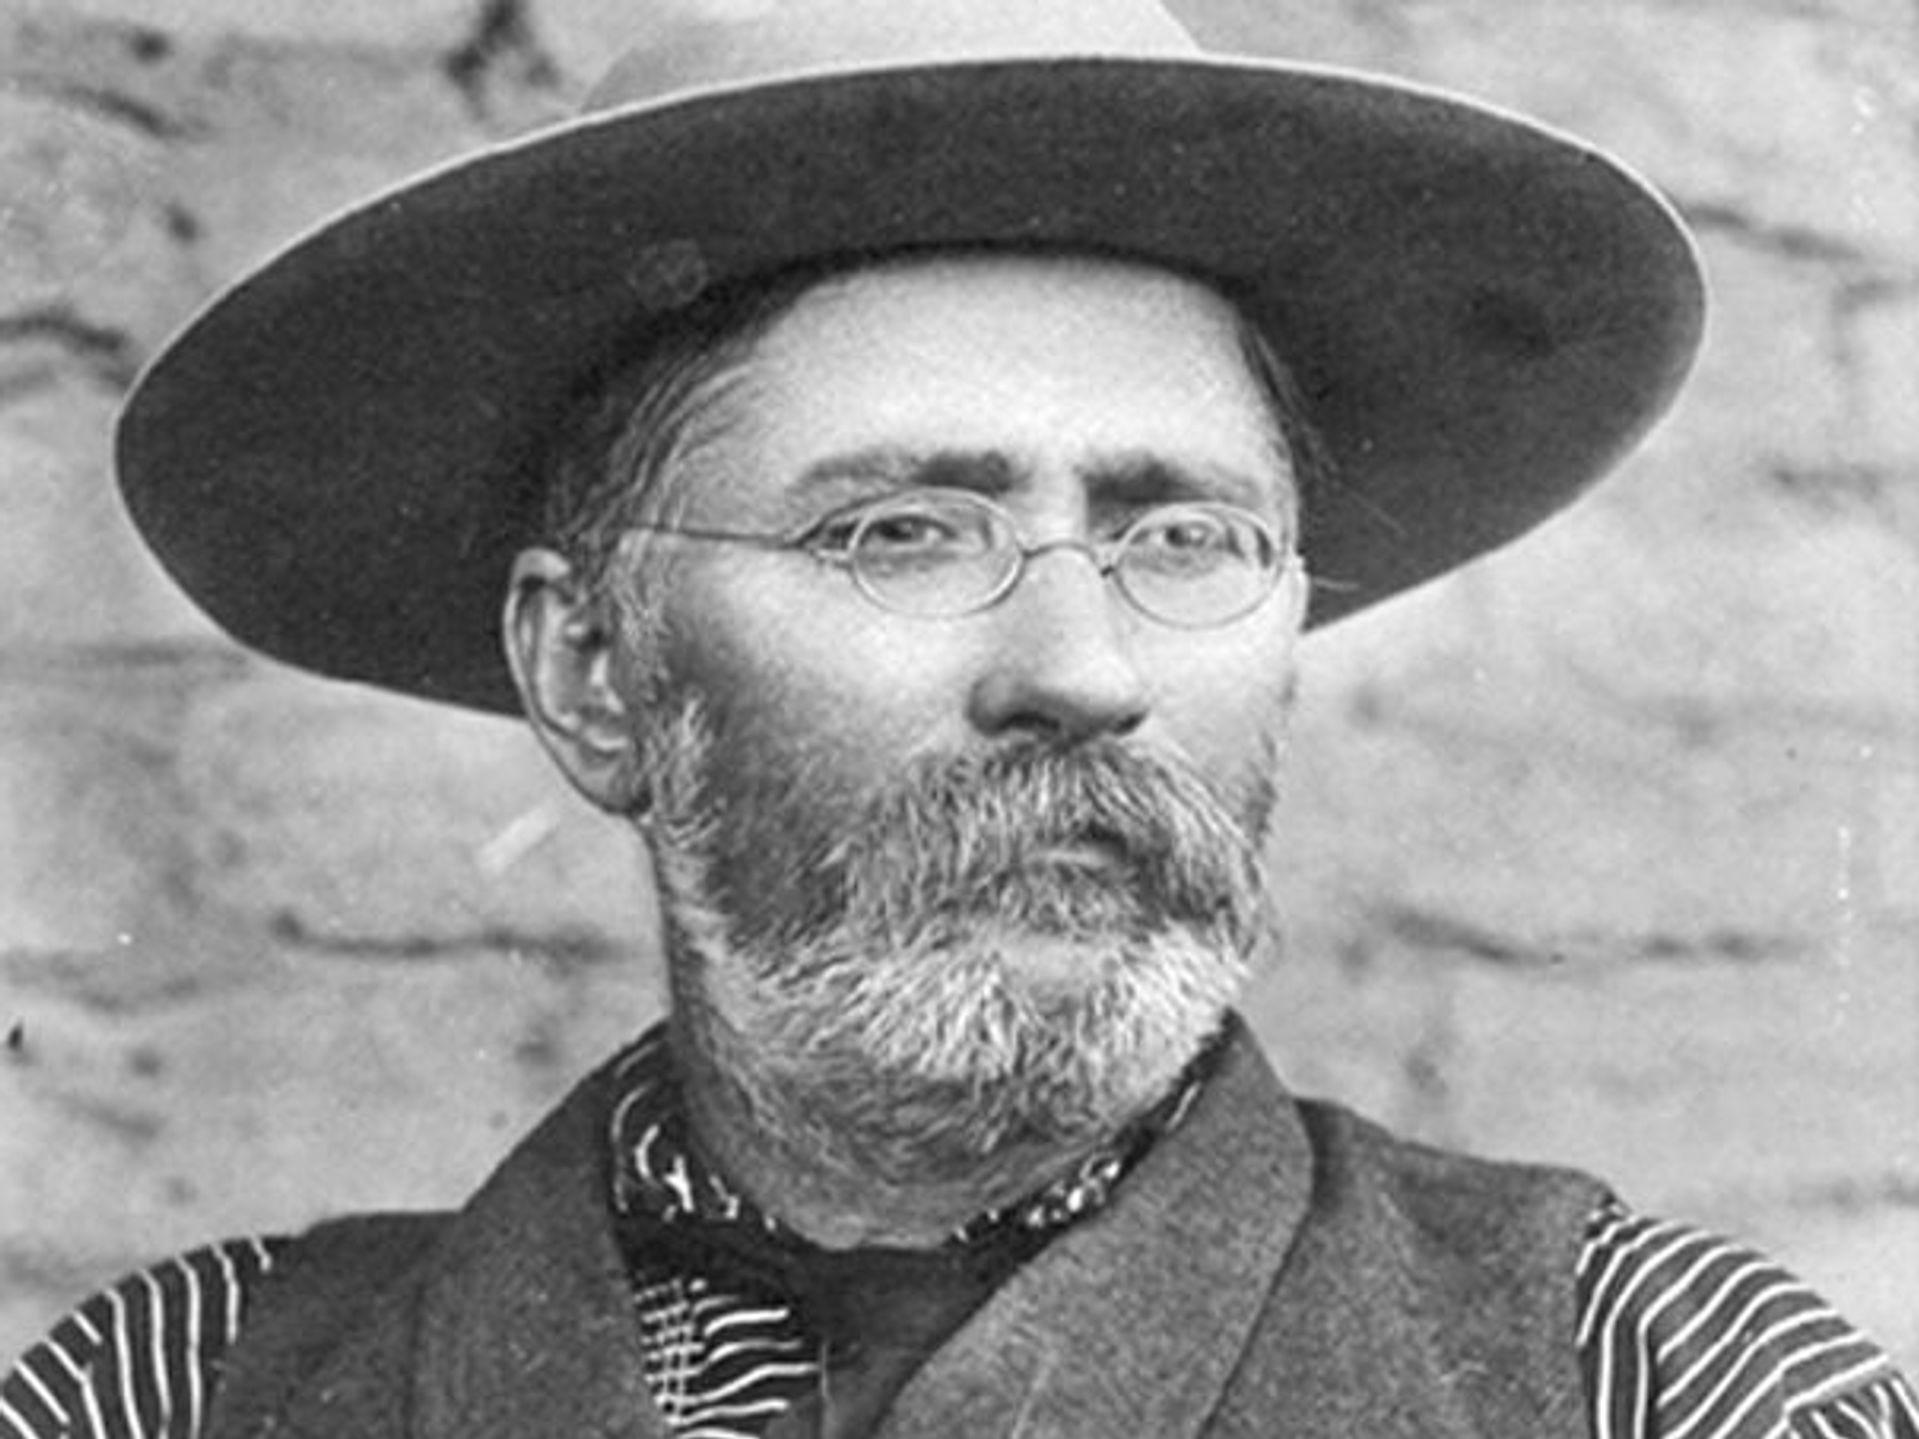 John Lorenzo Hubbell comenzó su primer puesto comercial en 1878, creando finalmente un imperio de puestos comerciales de 30 en Arizona, Nuevo México y Cali, además de ser dueño de ranchos y líneas de carga.